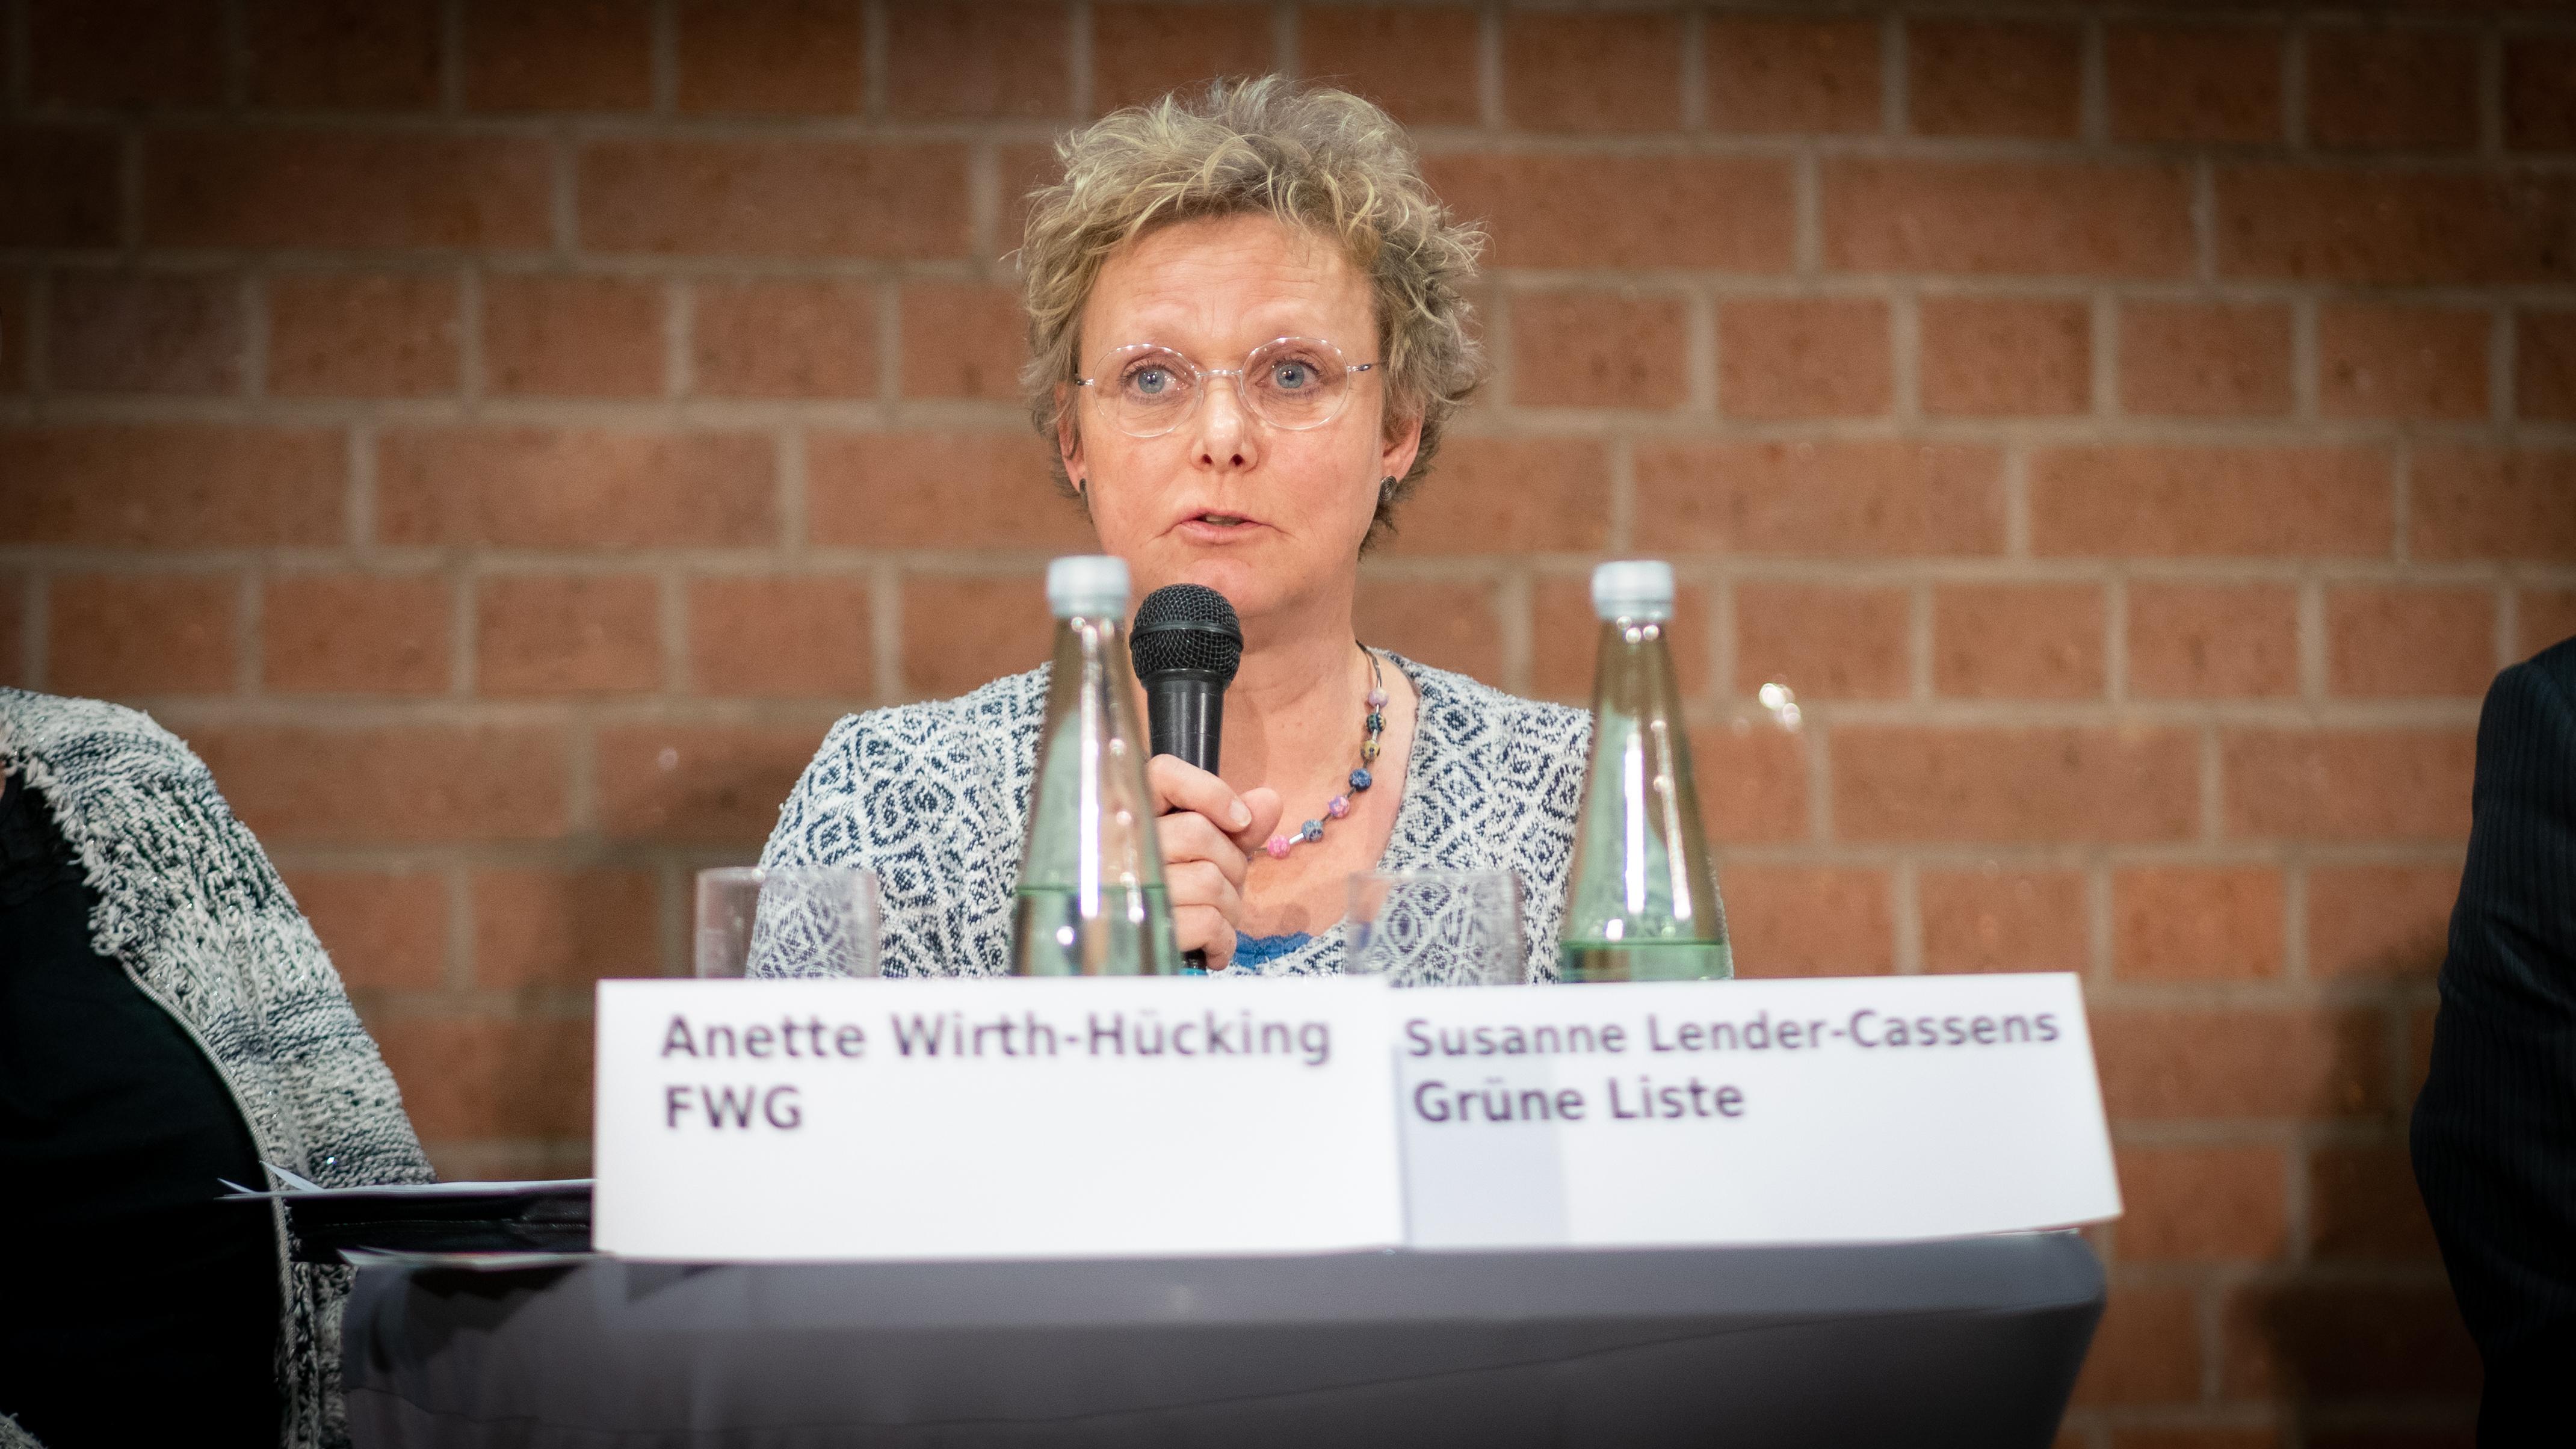 Susanne Lender-Cassens (Grüne Liste)